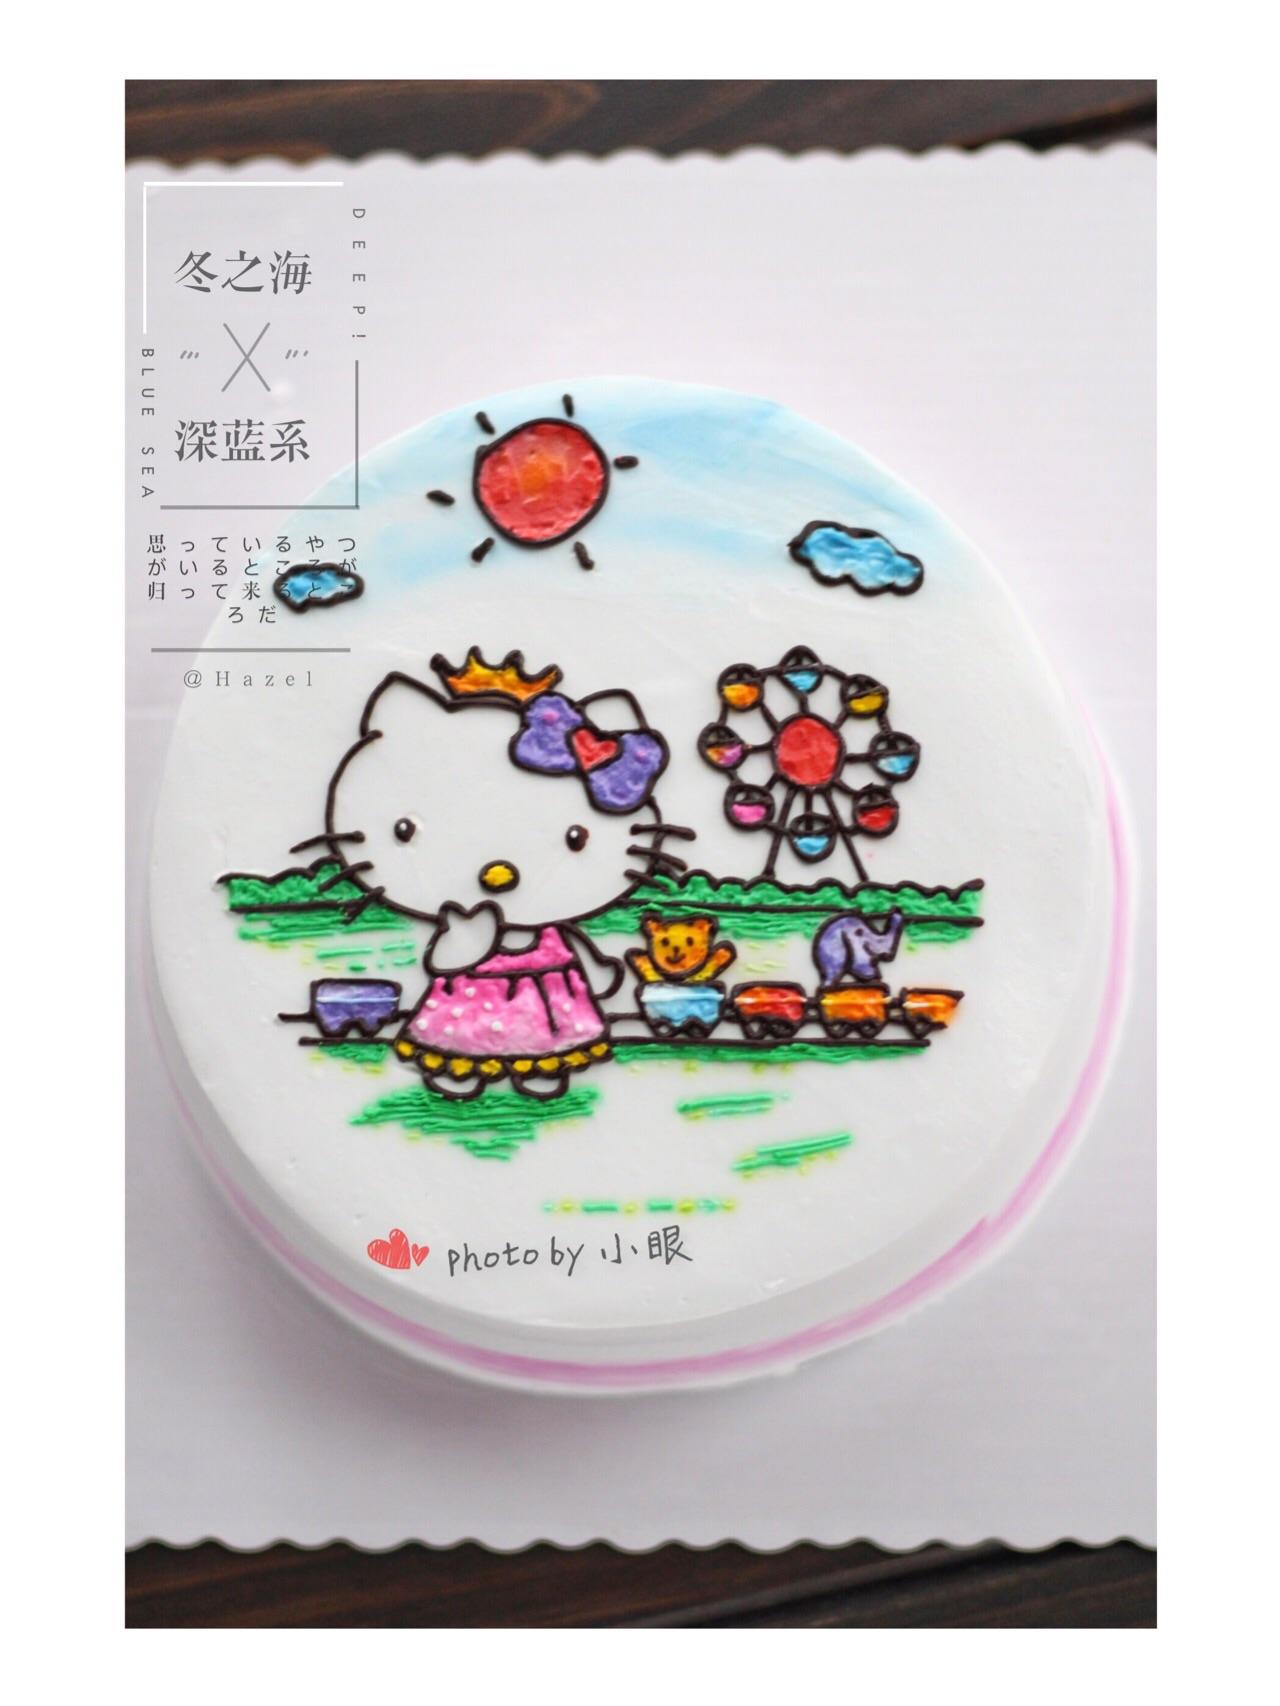 手绘蛋糕的做法_【图解】手绘蛋糕怎么做如何做好吃